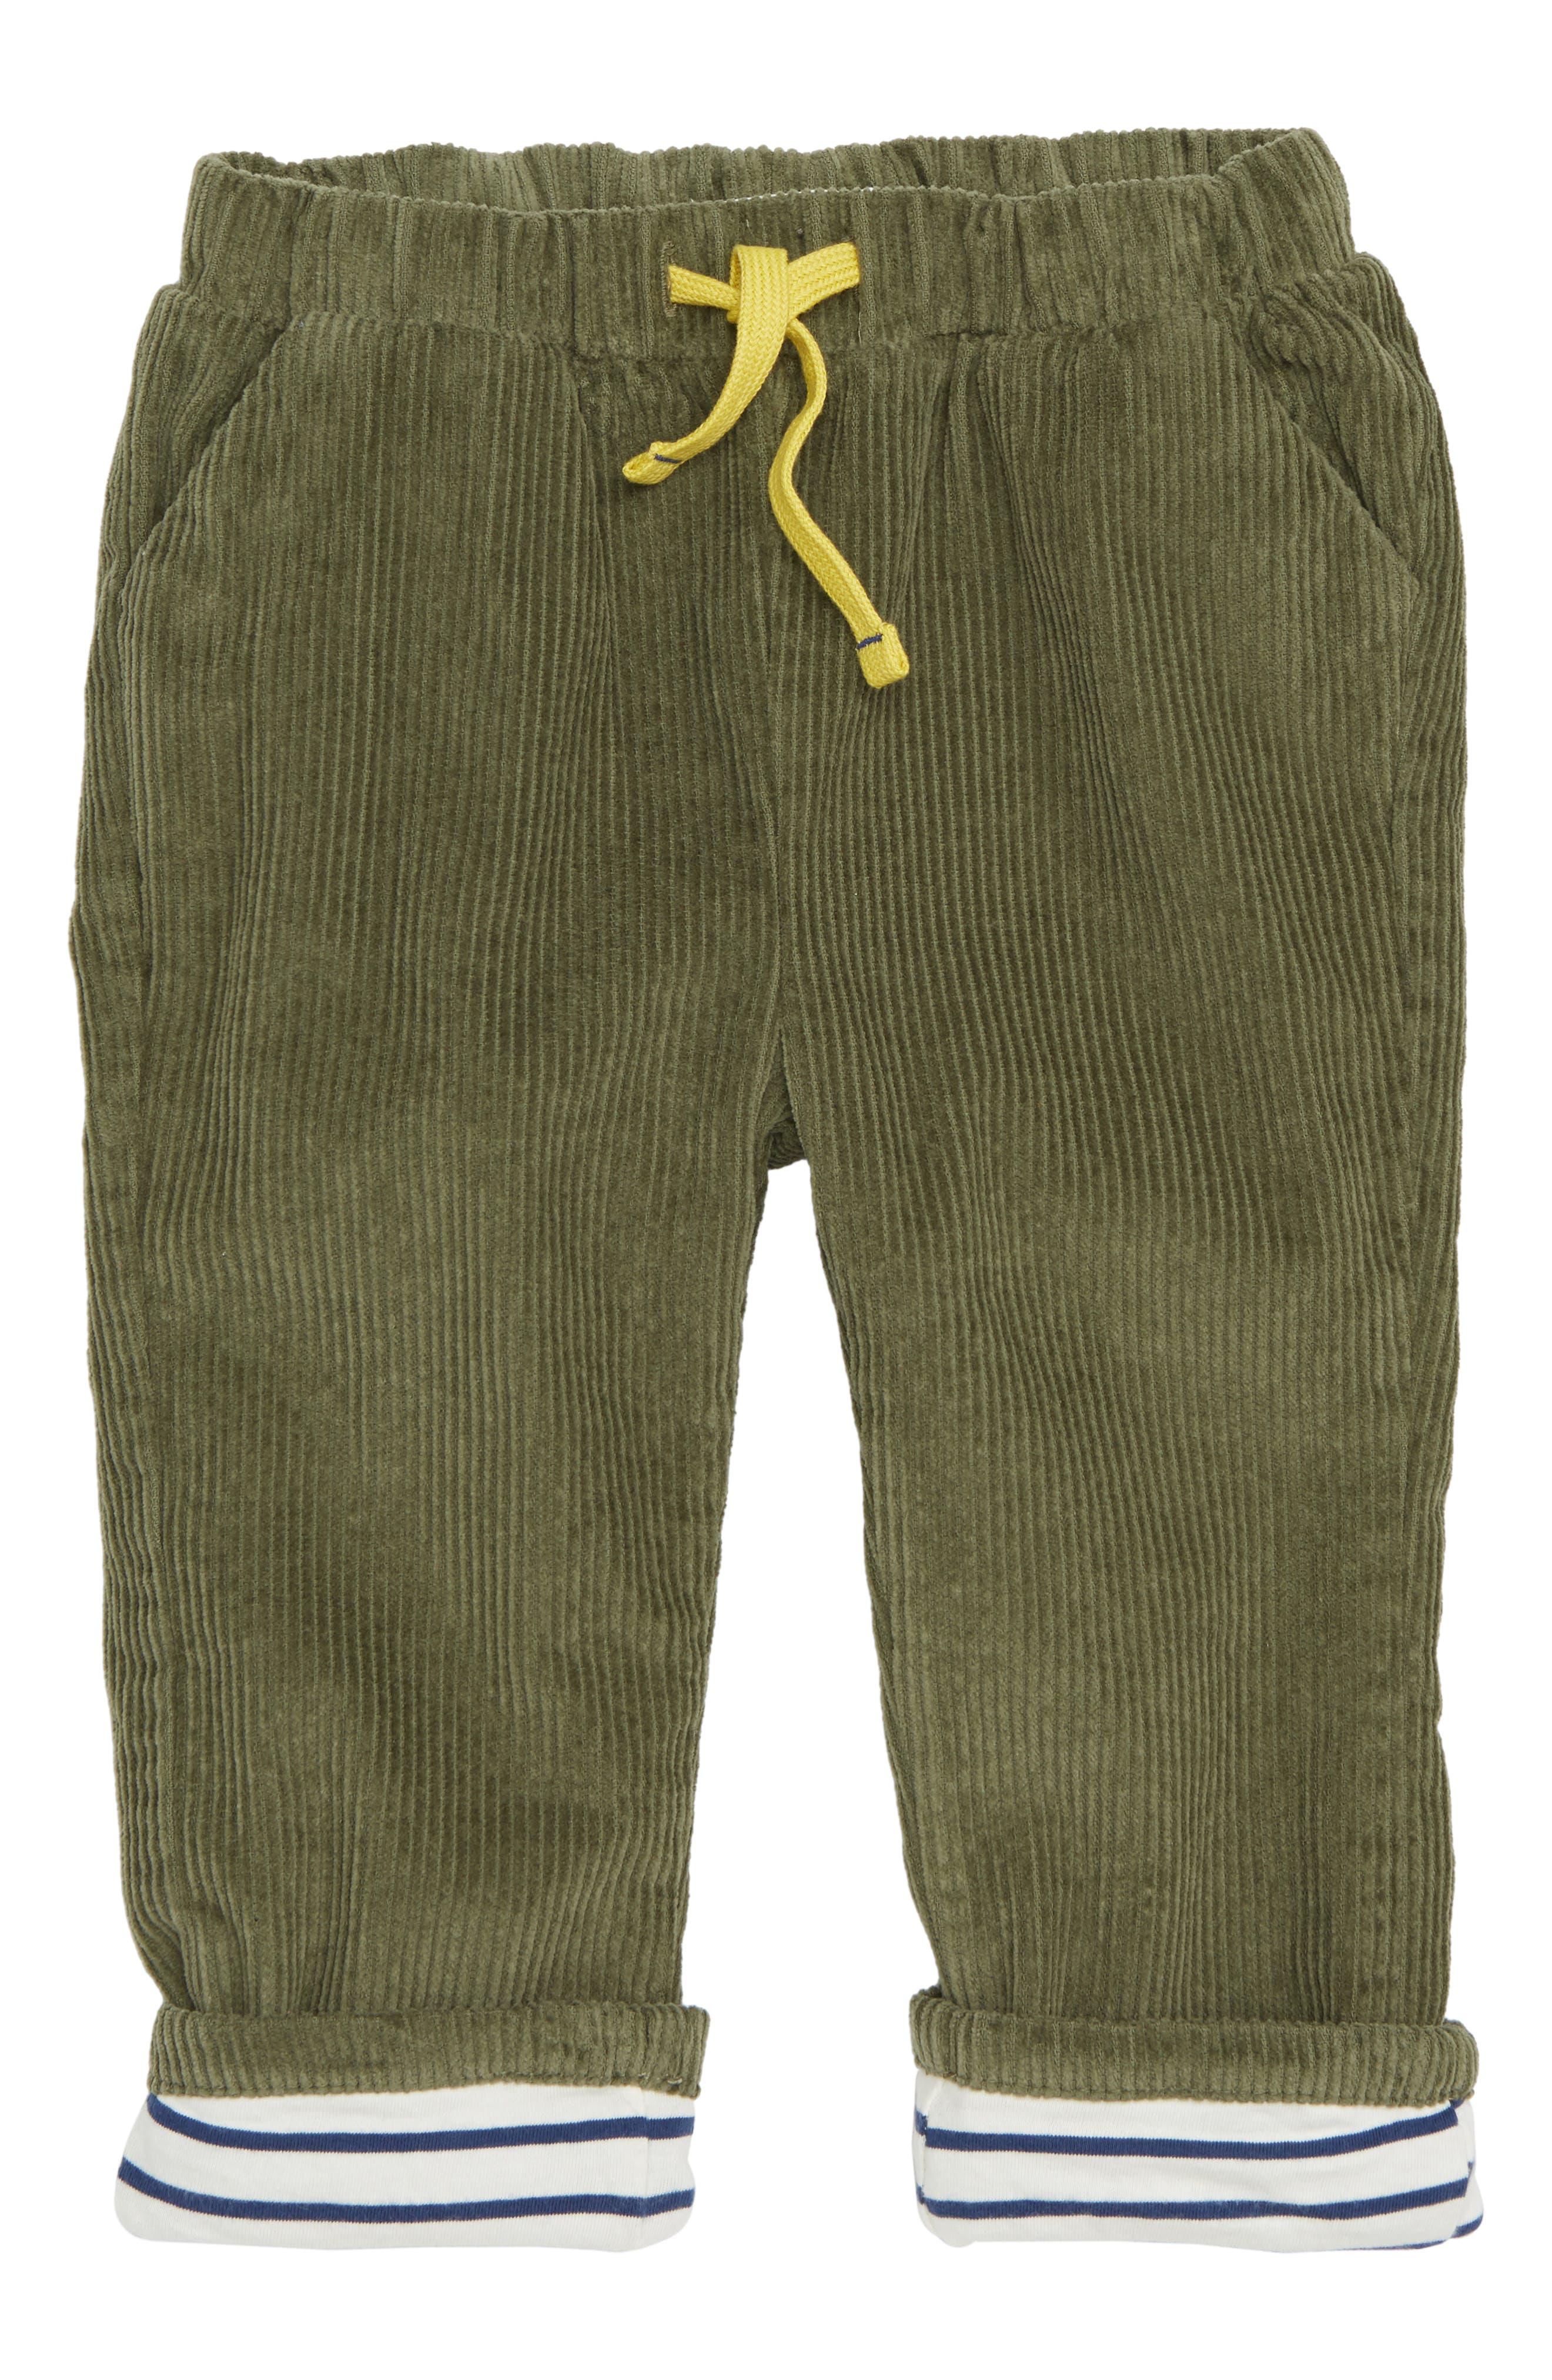 Size 37 NEW Boden Knitted Pom Pom Slippers 4 Eden Green